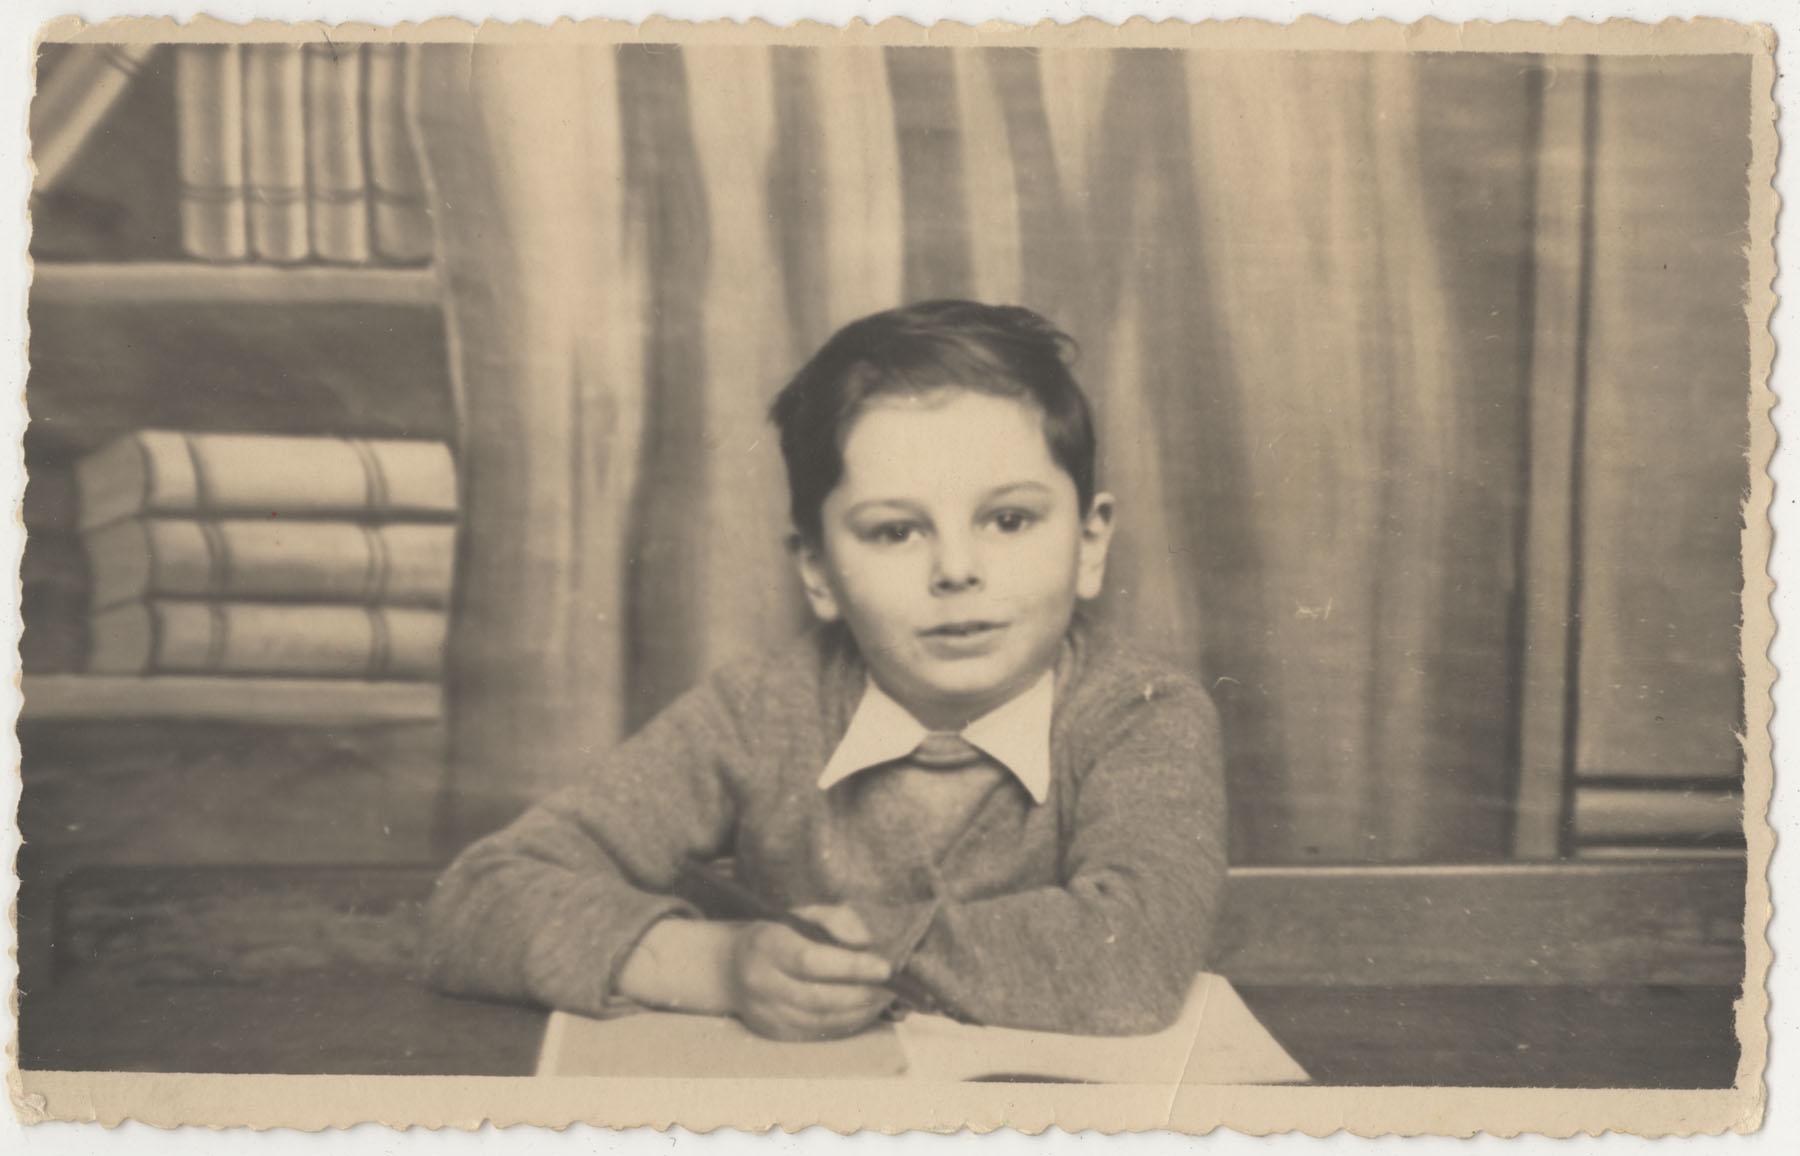 Marcel en première année à l'école primaire de Schaerbeek, à  Bruxelles, en 1942.